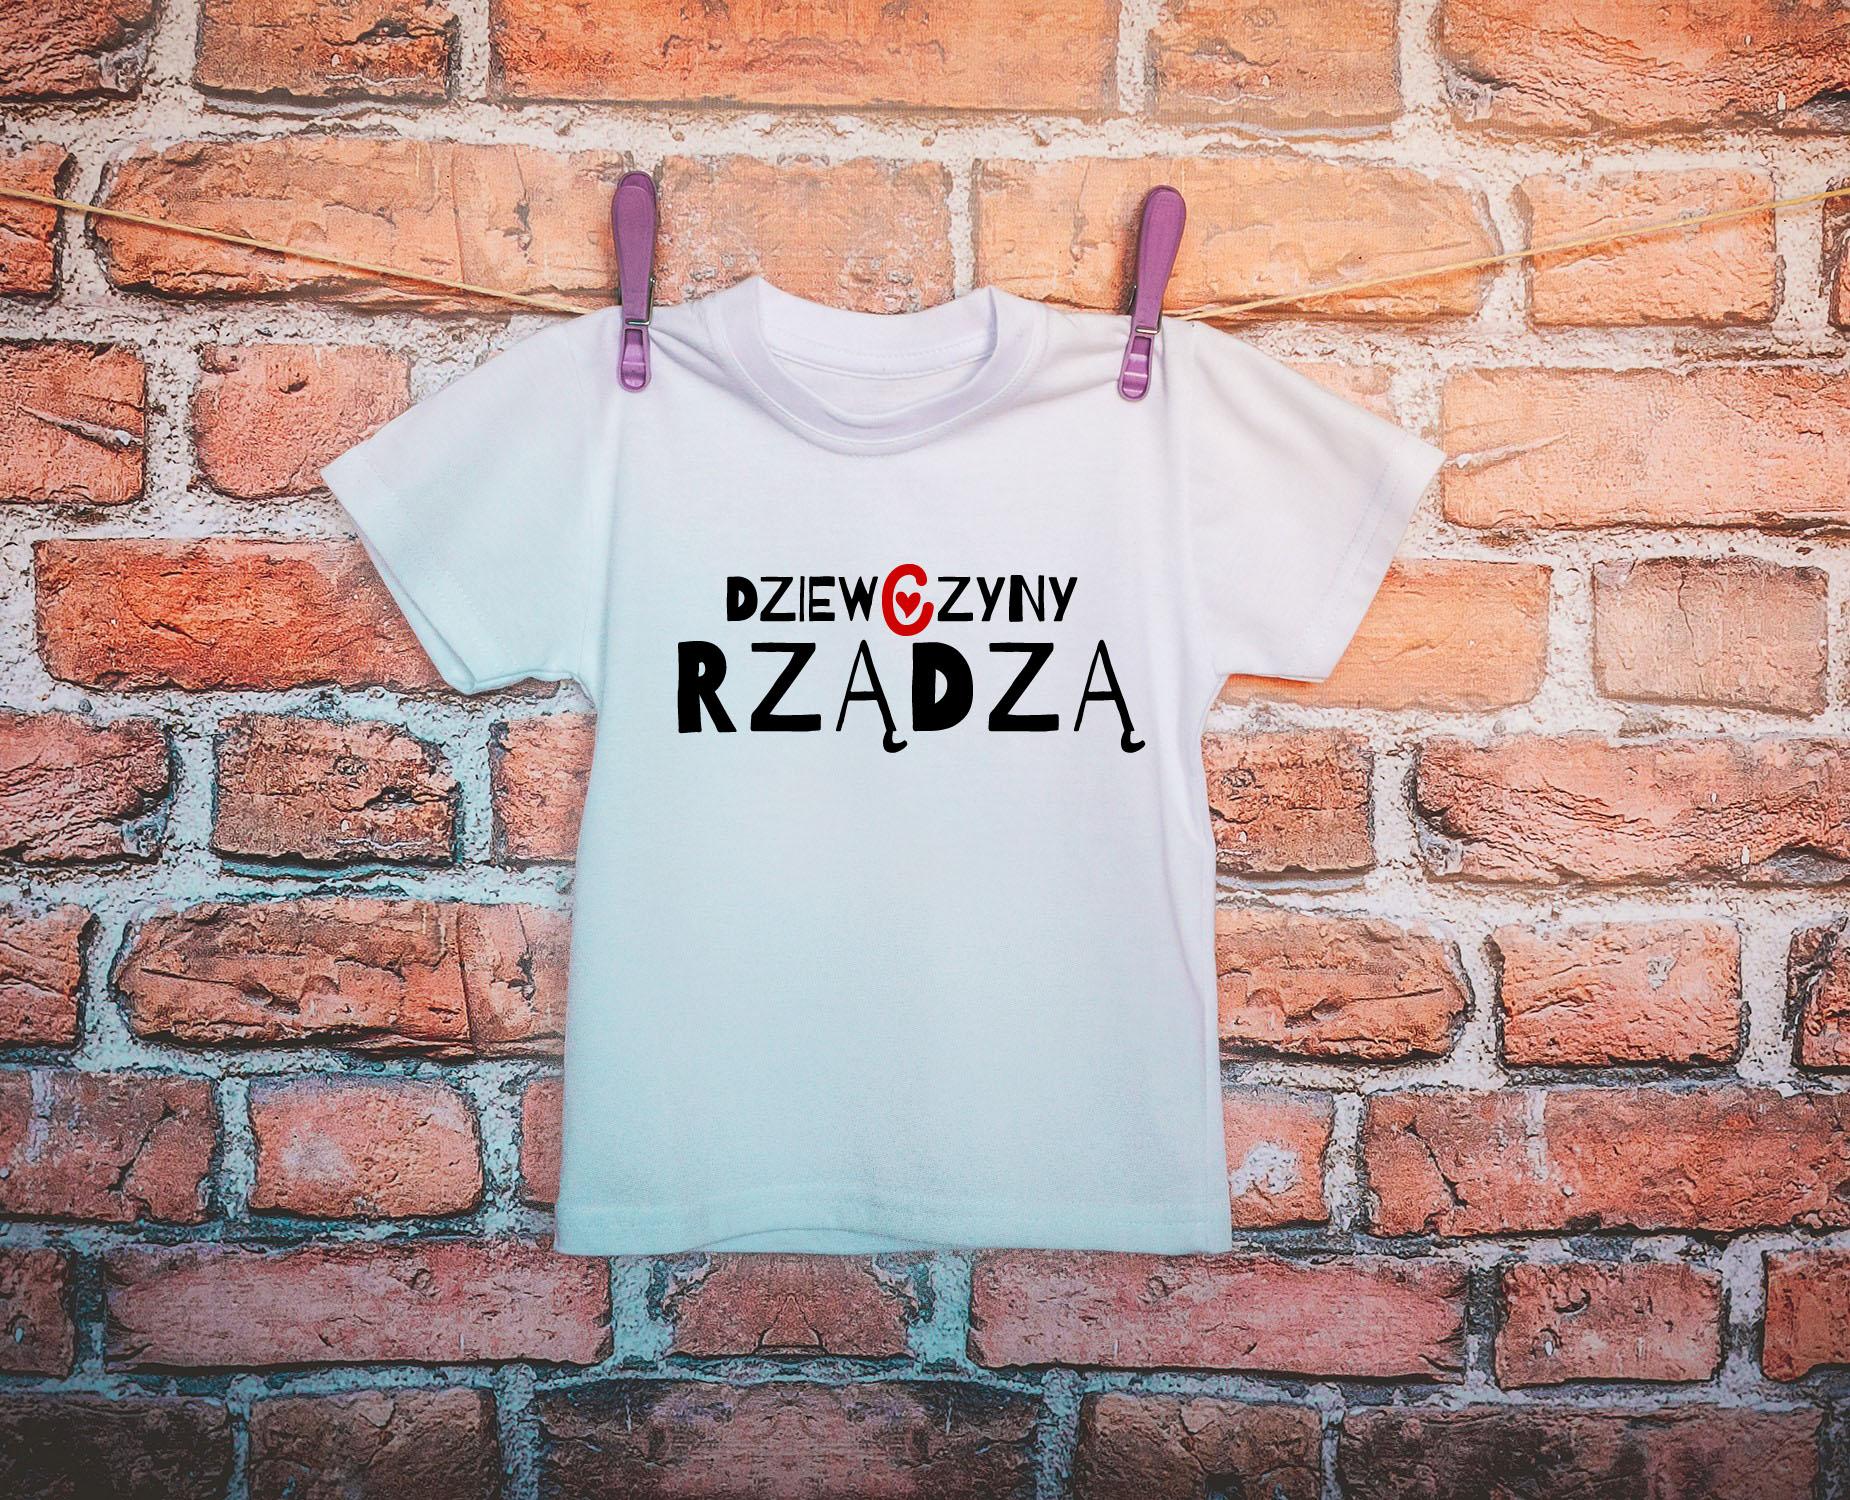 057cb3e662 Koszulka dziecięca dziewczyny rządzą